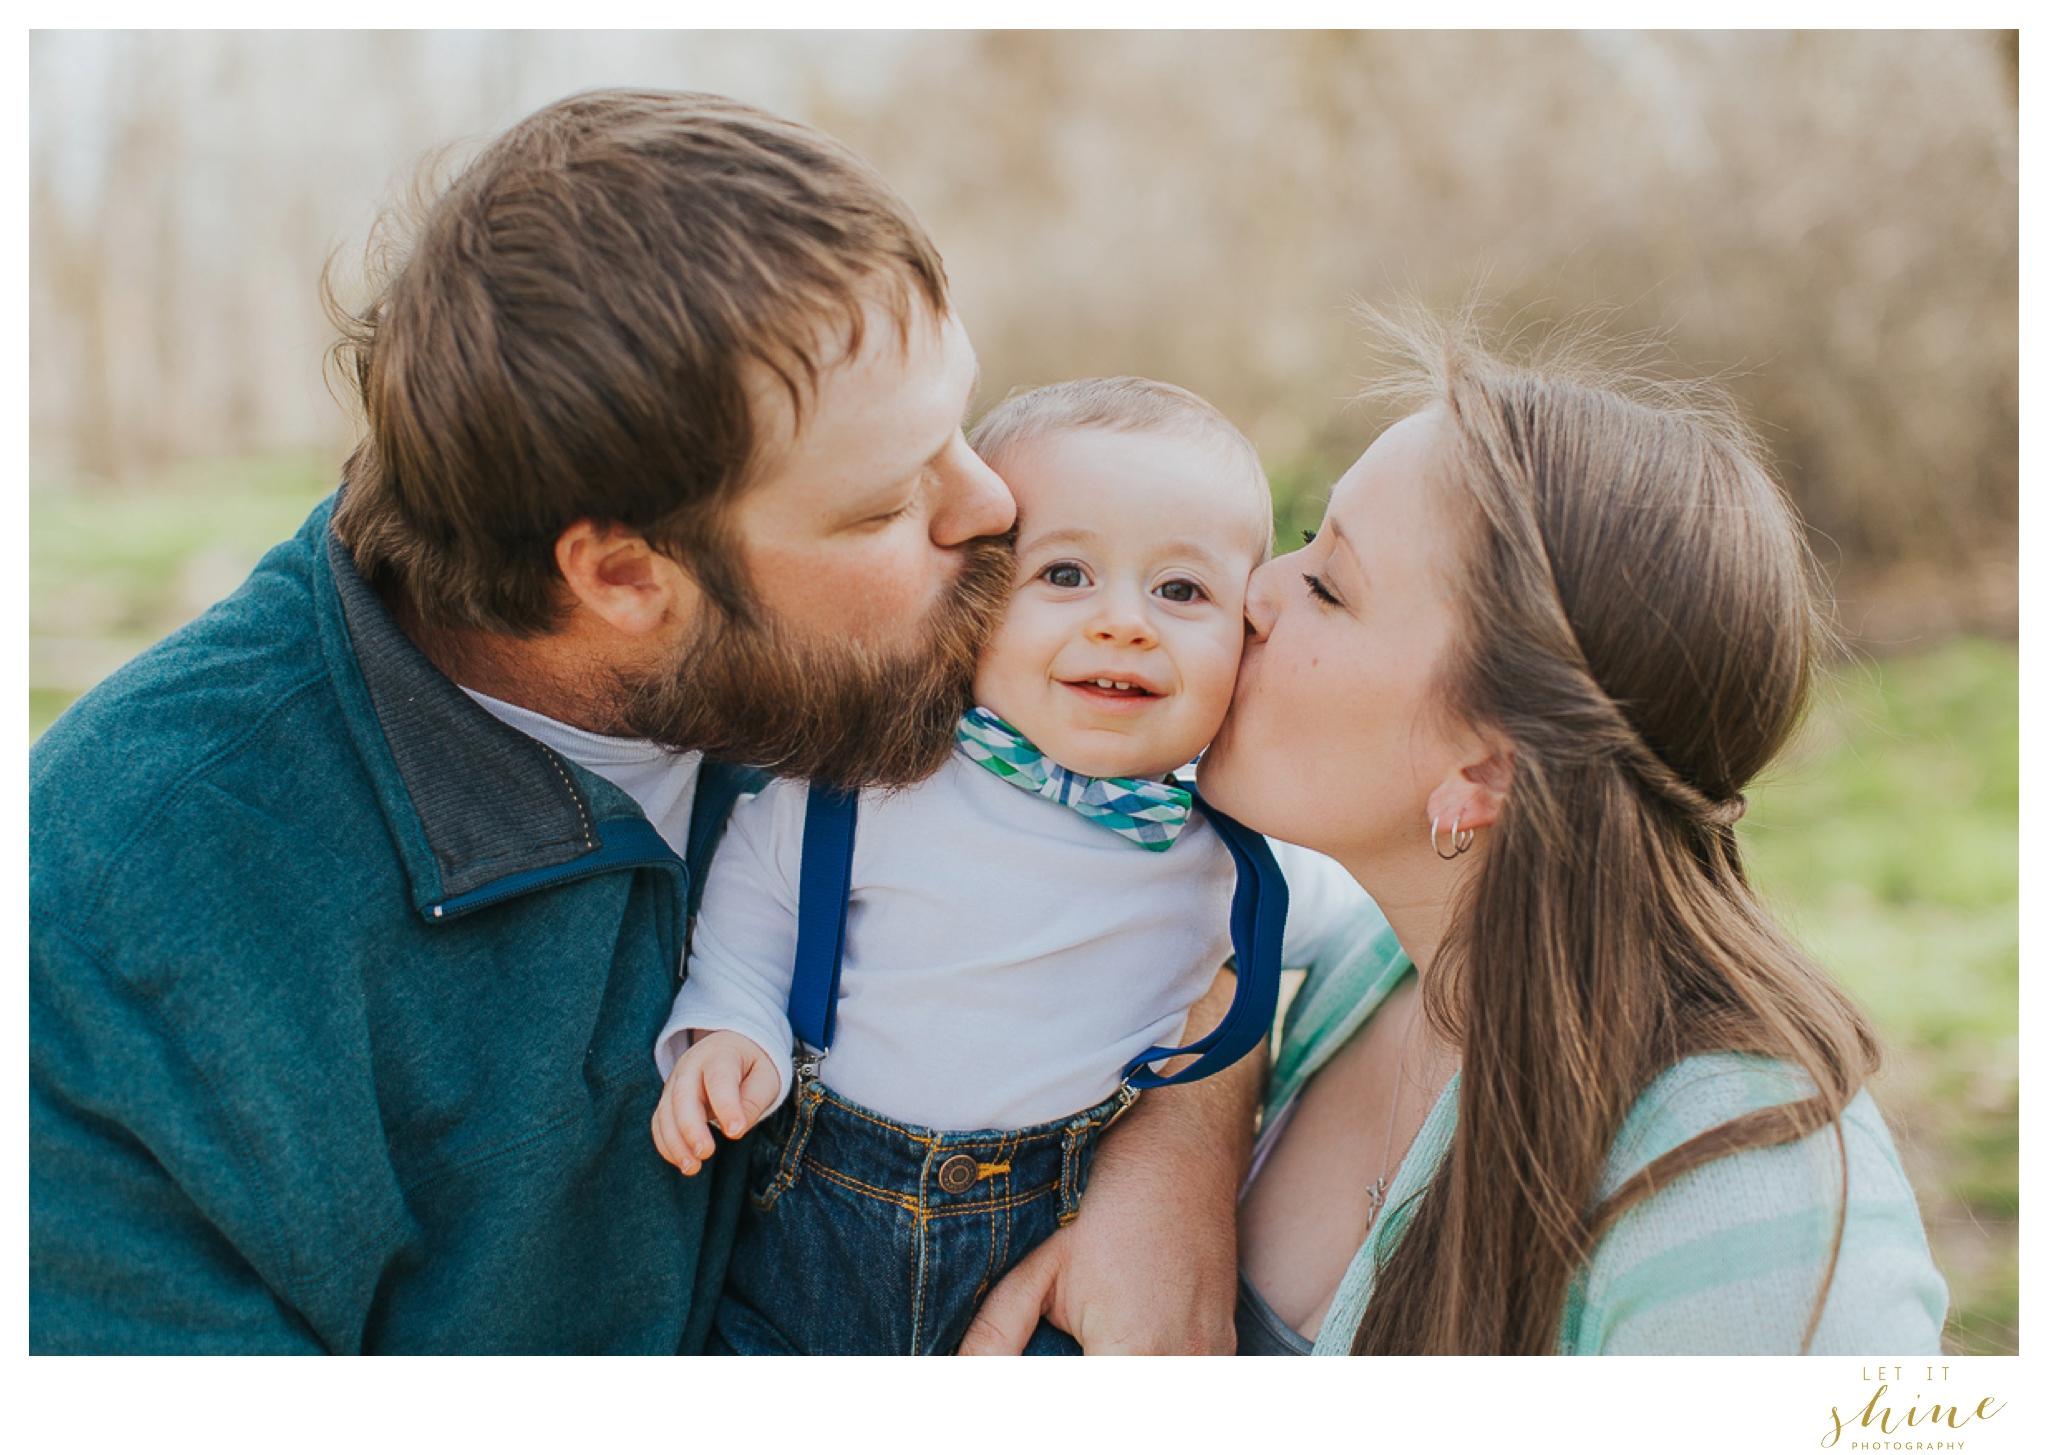 Spring Family Photos Boise Photographer-8384.jpg